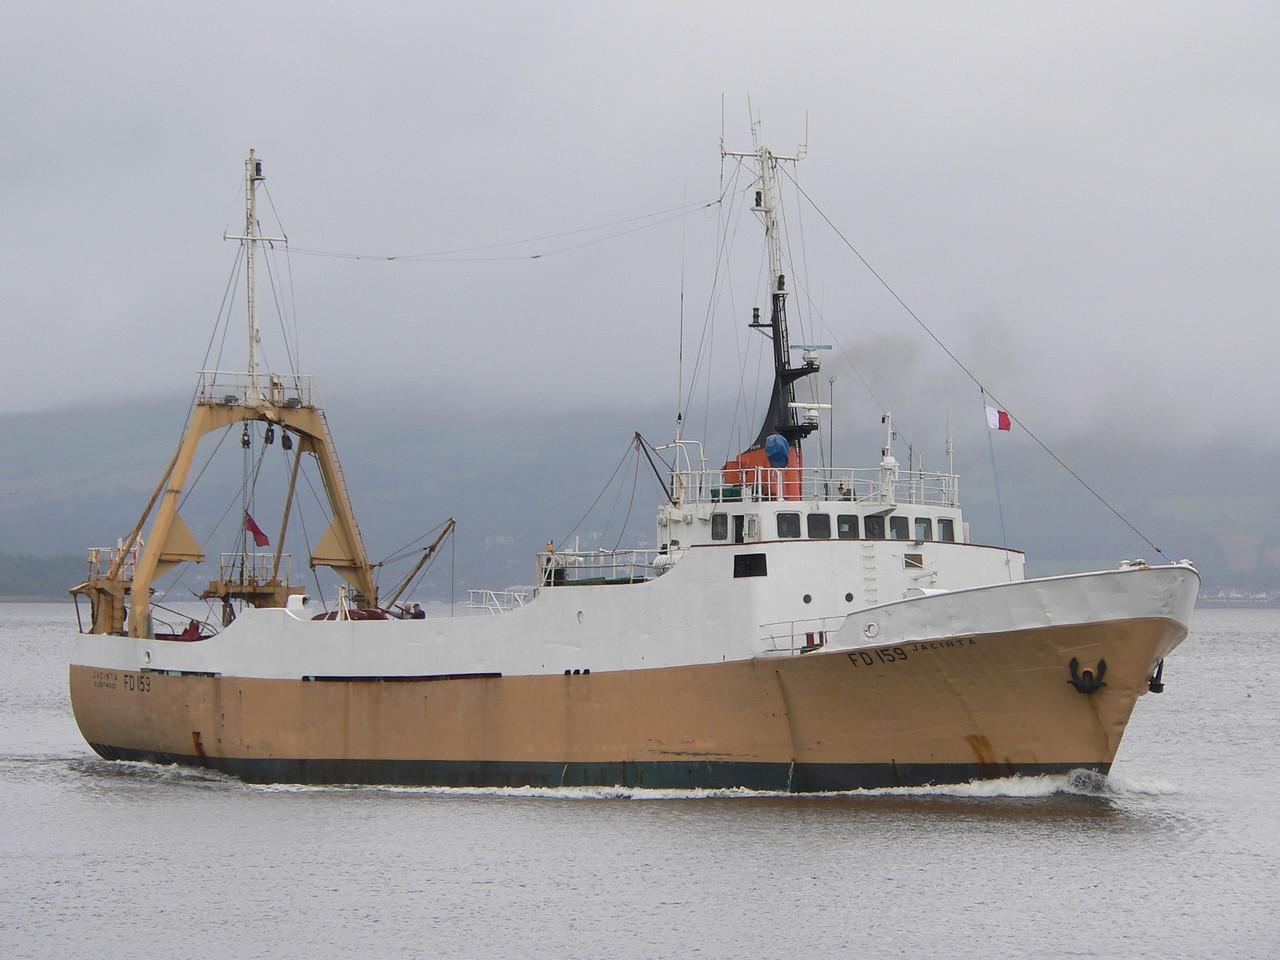 JACINTA FD-159